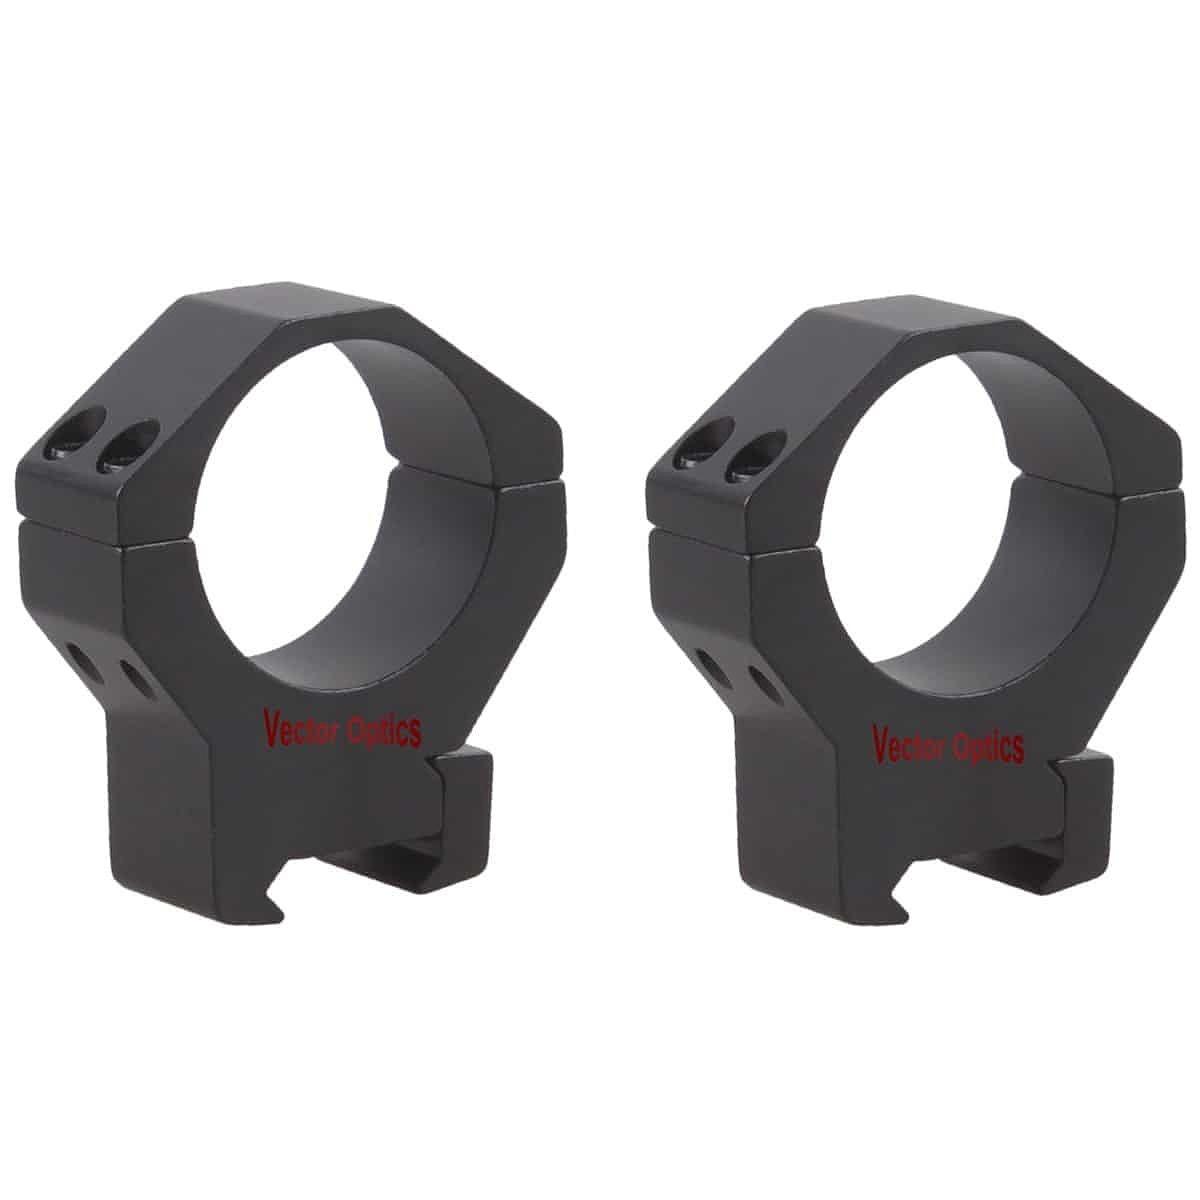 ベクターオプティクス スコープマウント 35mm Medium ProfilePicatinny Rings  Vector Optics SCTM-06A